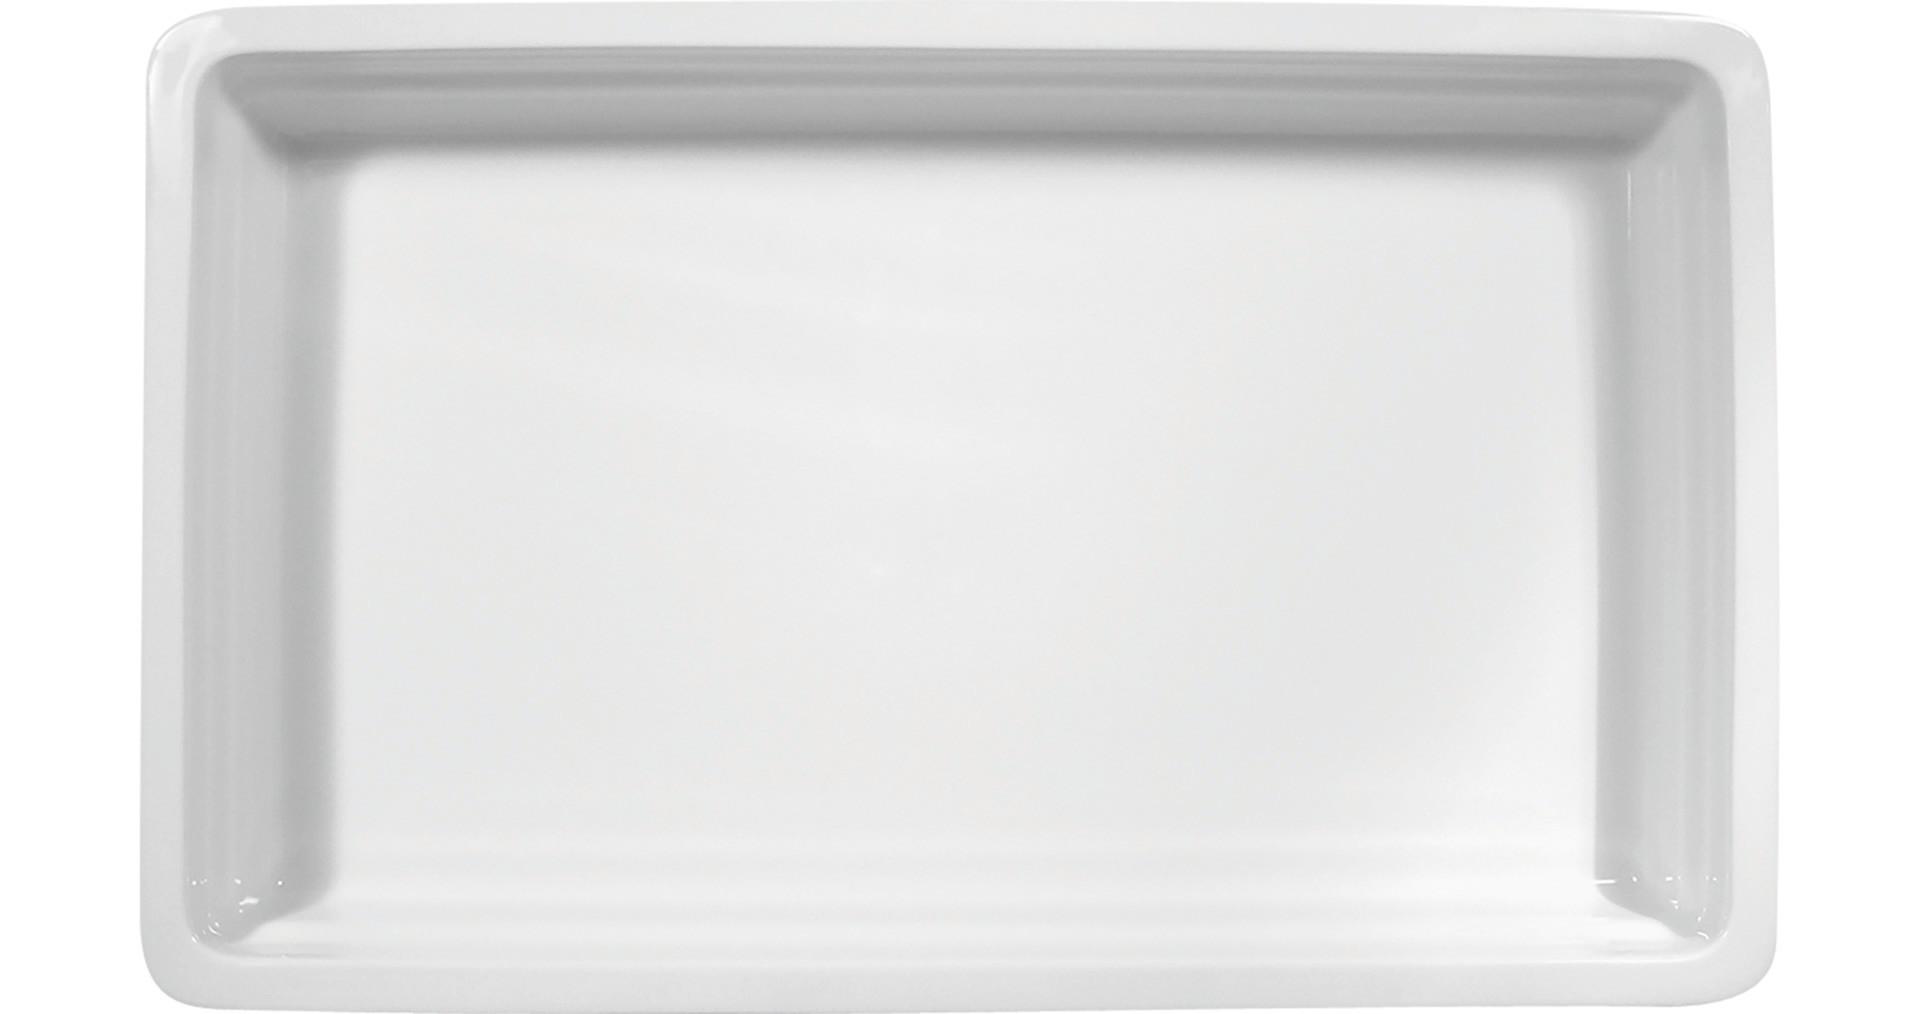 Buffet Gourmet, GN-Behälter GN 1/1 530 x 325 x 65 mm / 8,00 l